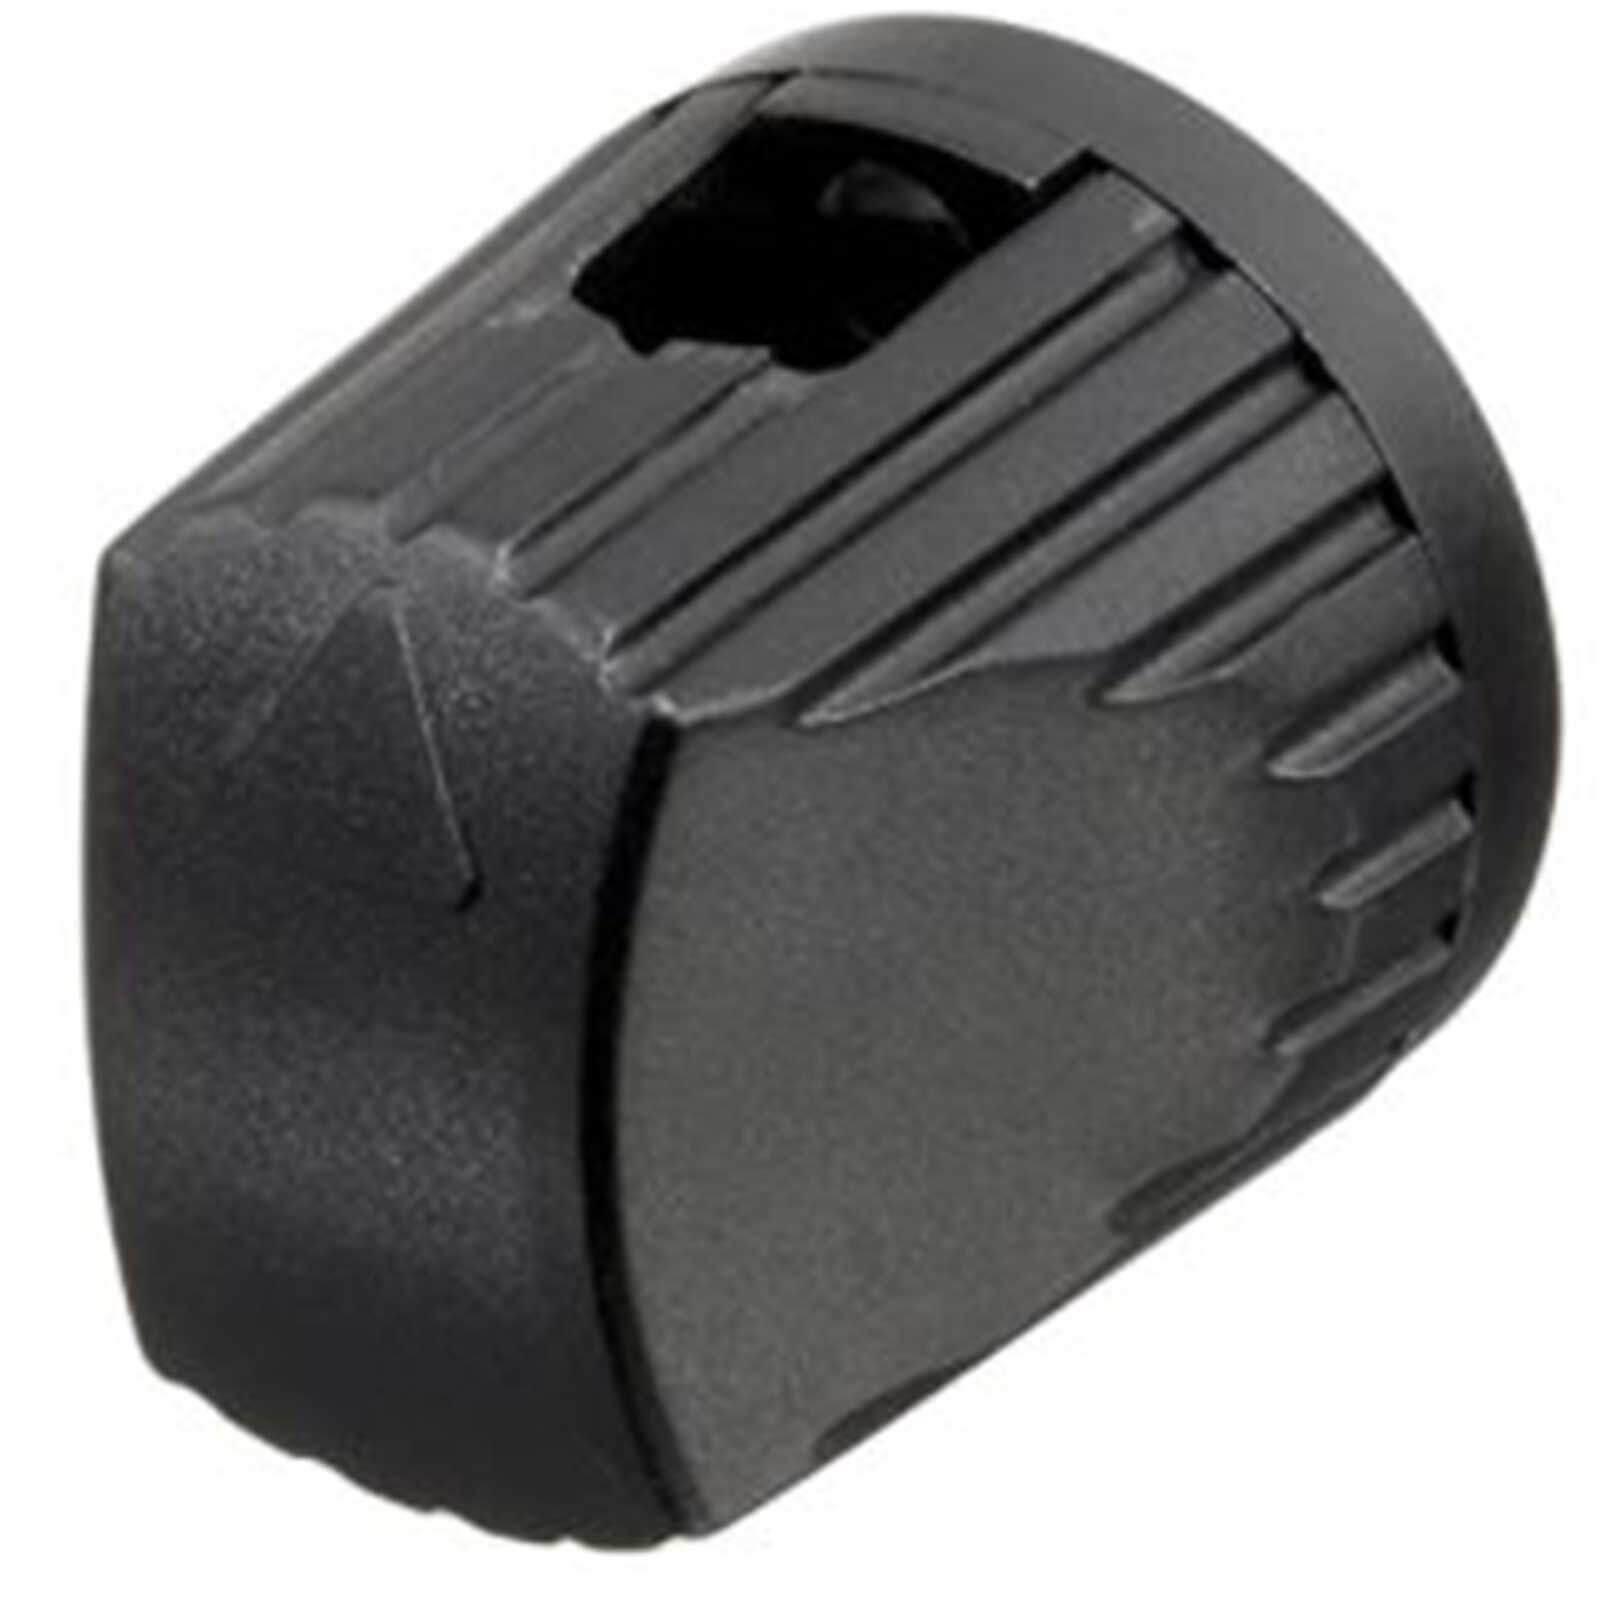 Bosch Deflector prism for BL 20 SLM